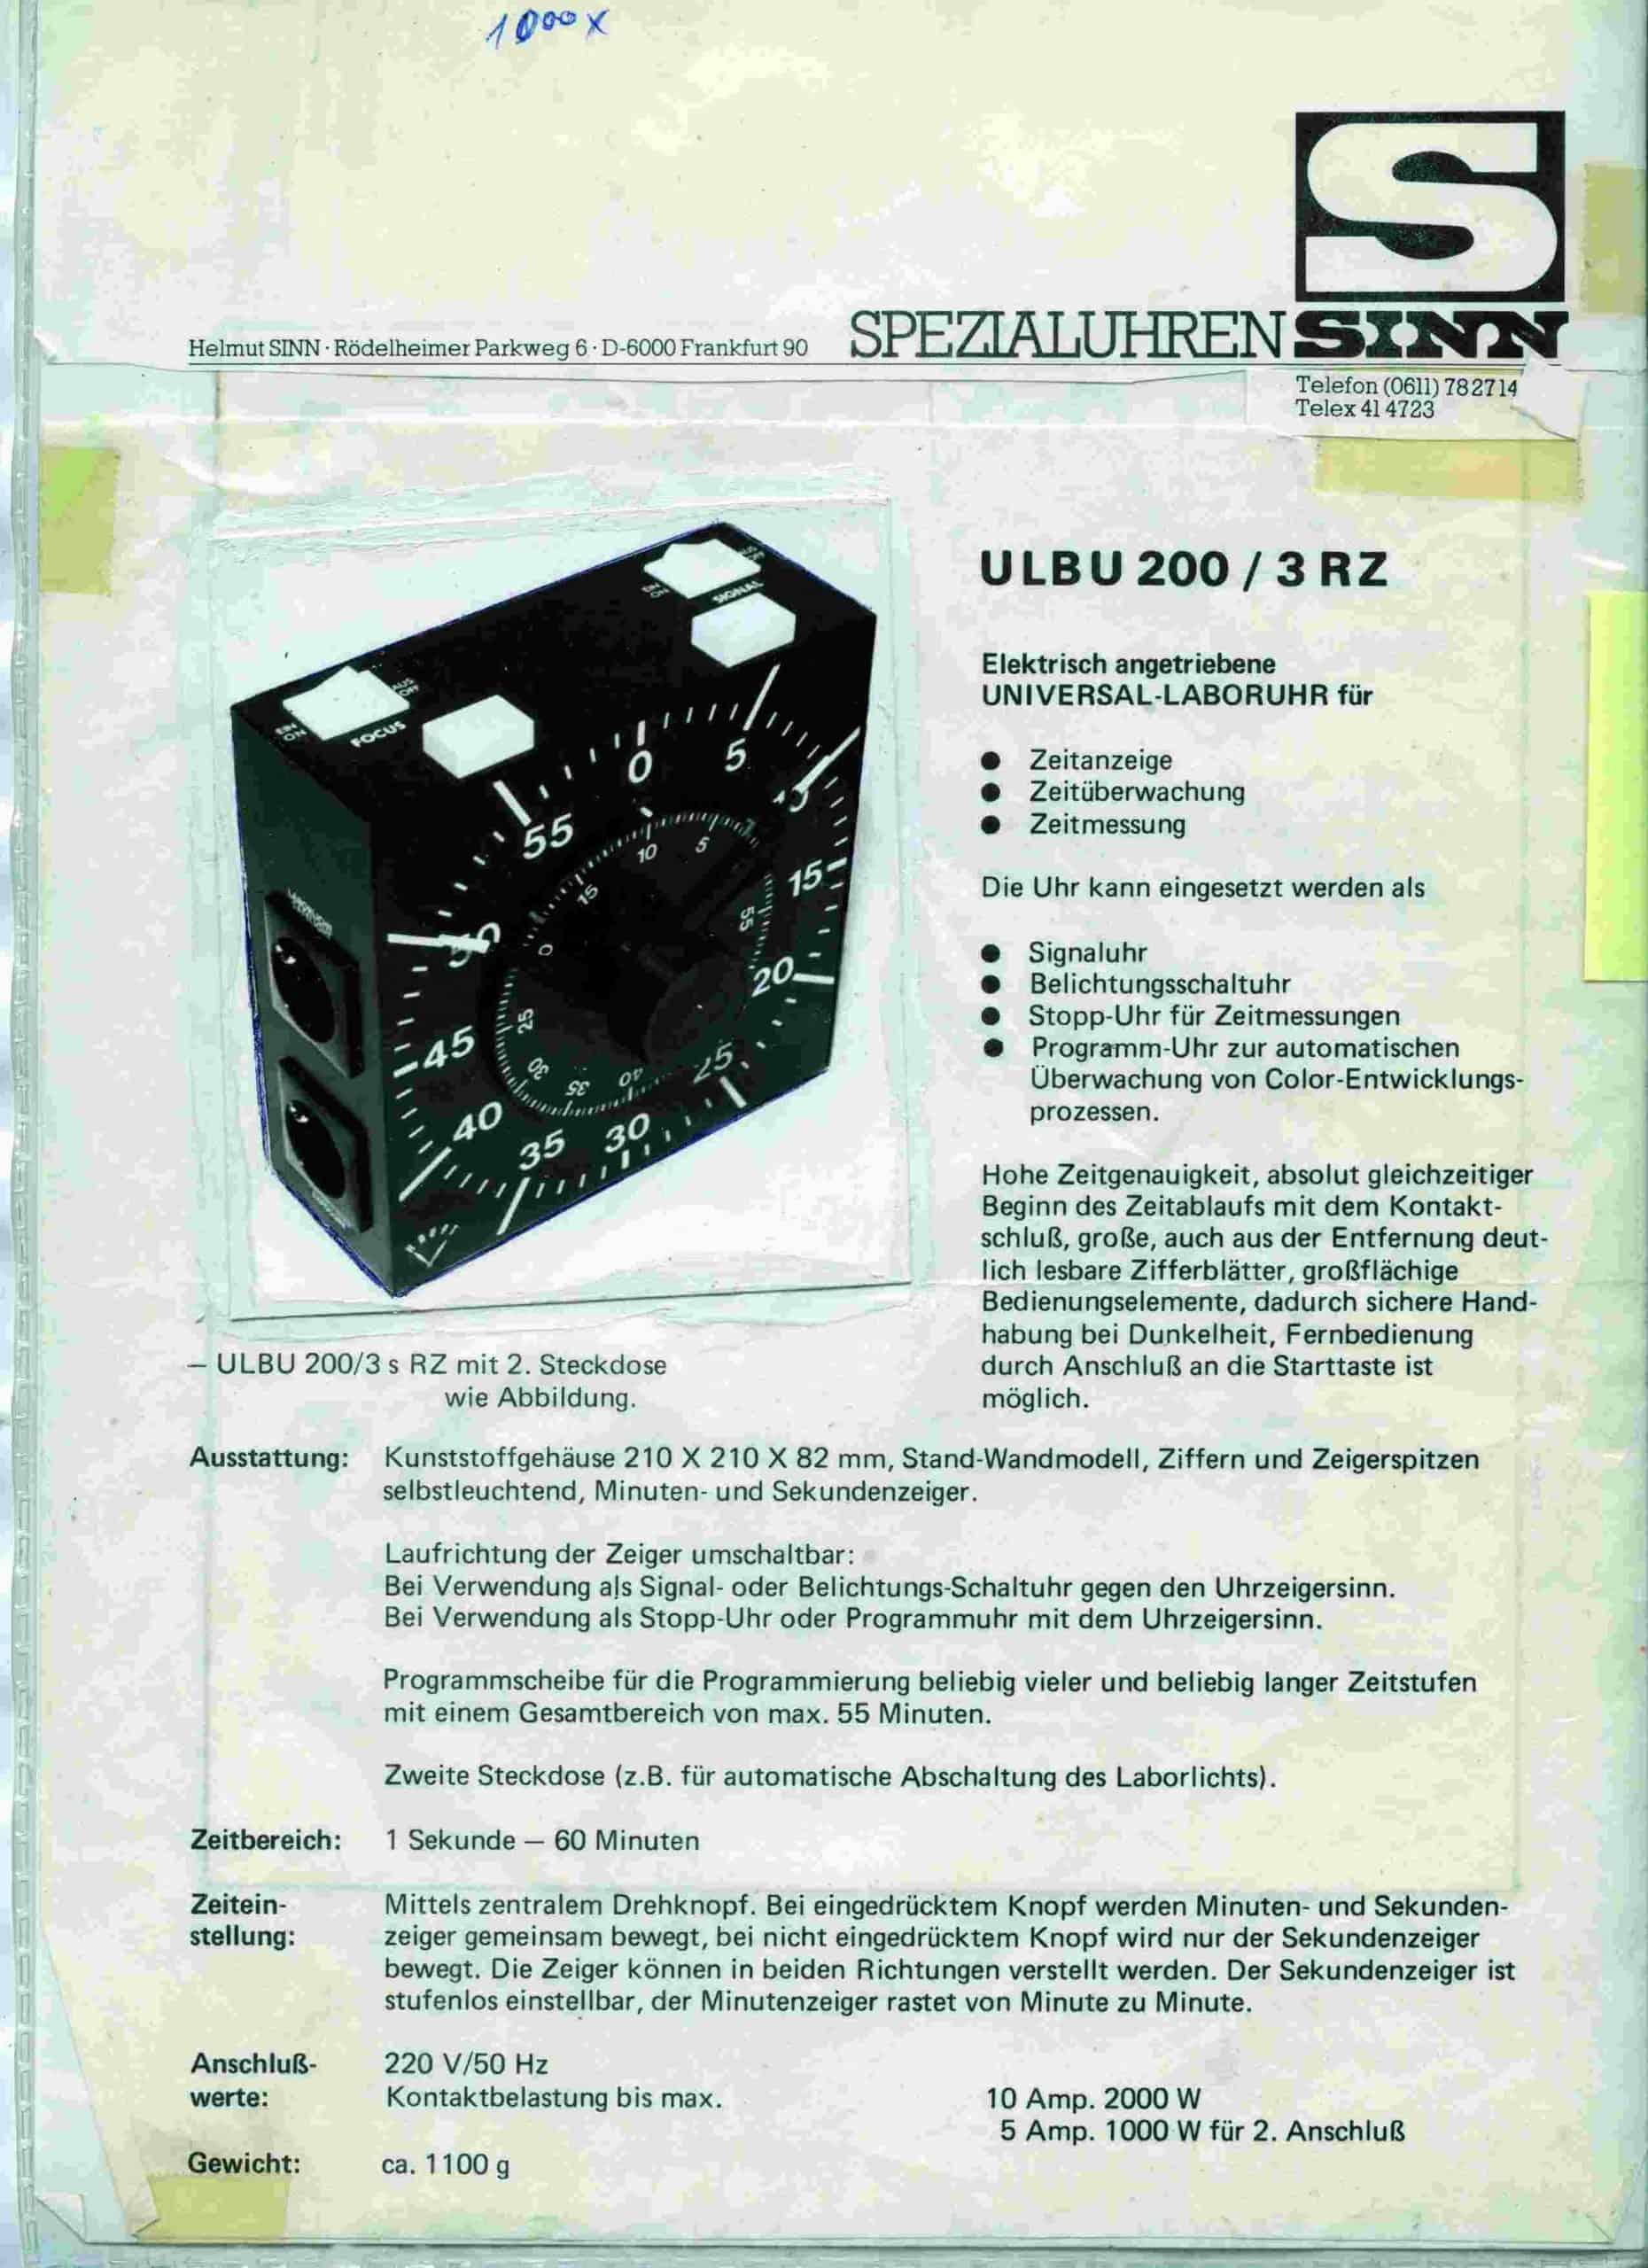 SINN Spezialuhren 1961 Anzeige